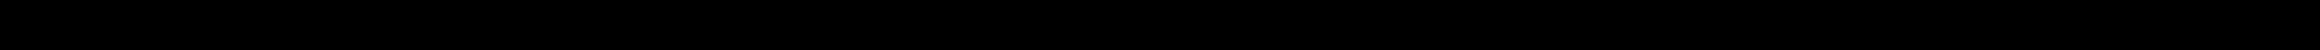 SASIC 1001C9, 1001C9 Olajaszivattyú